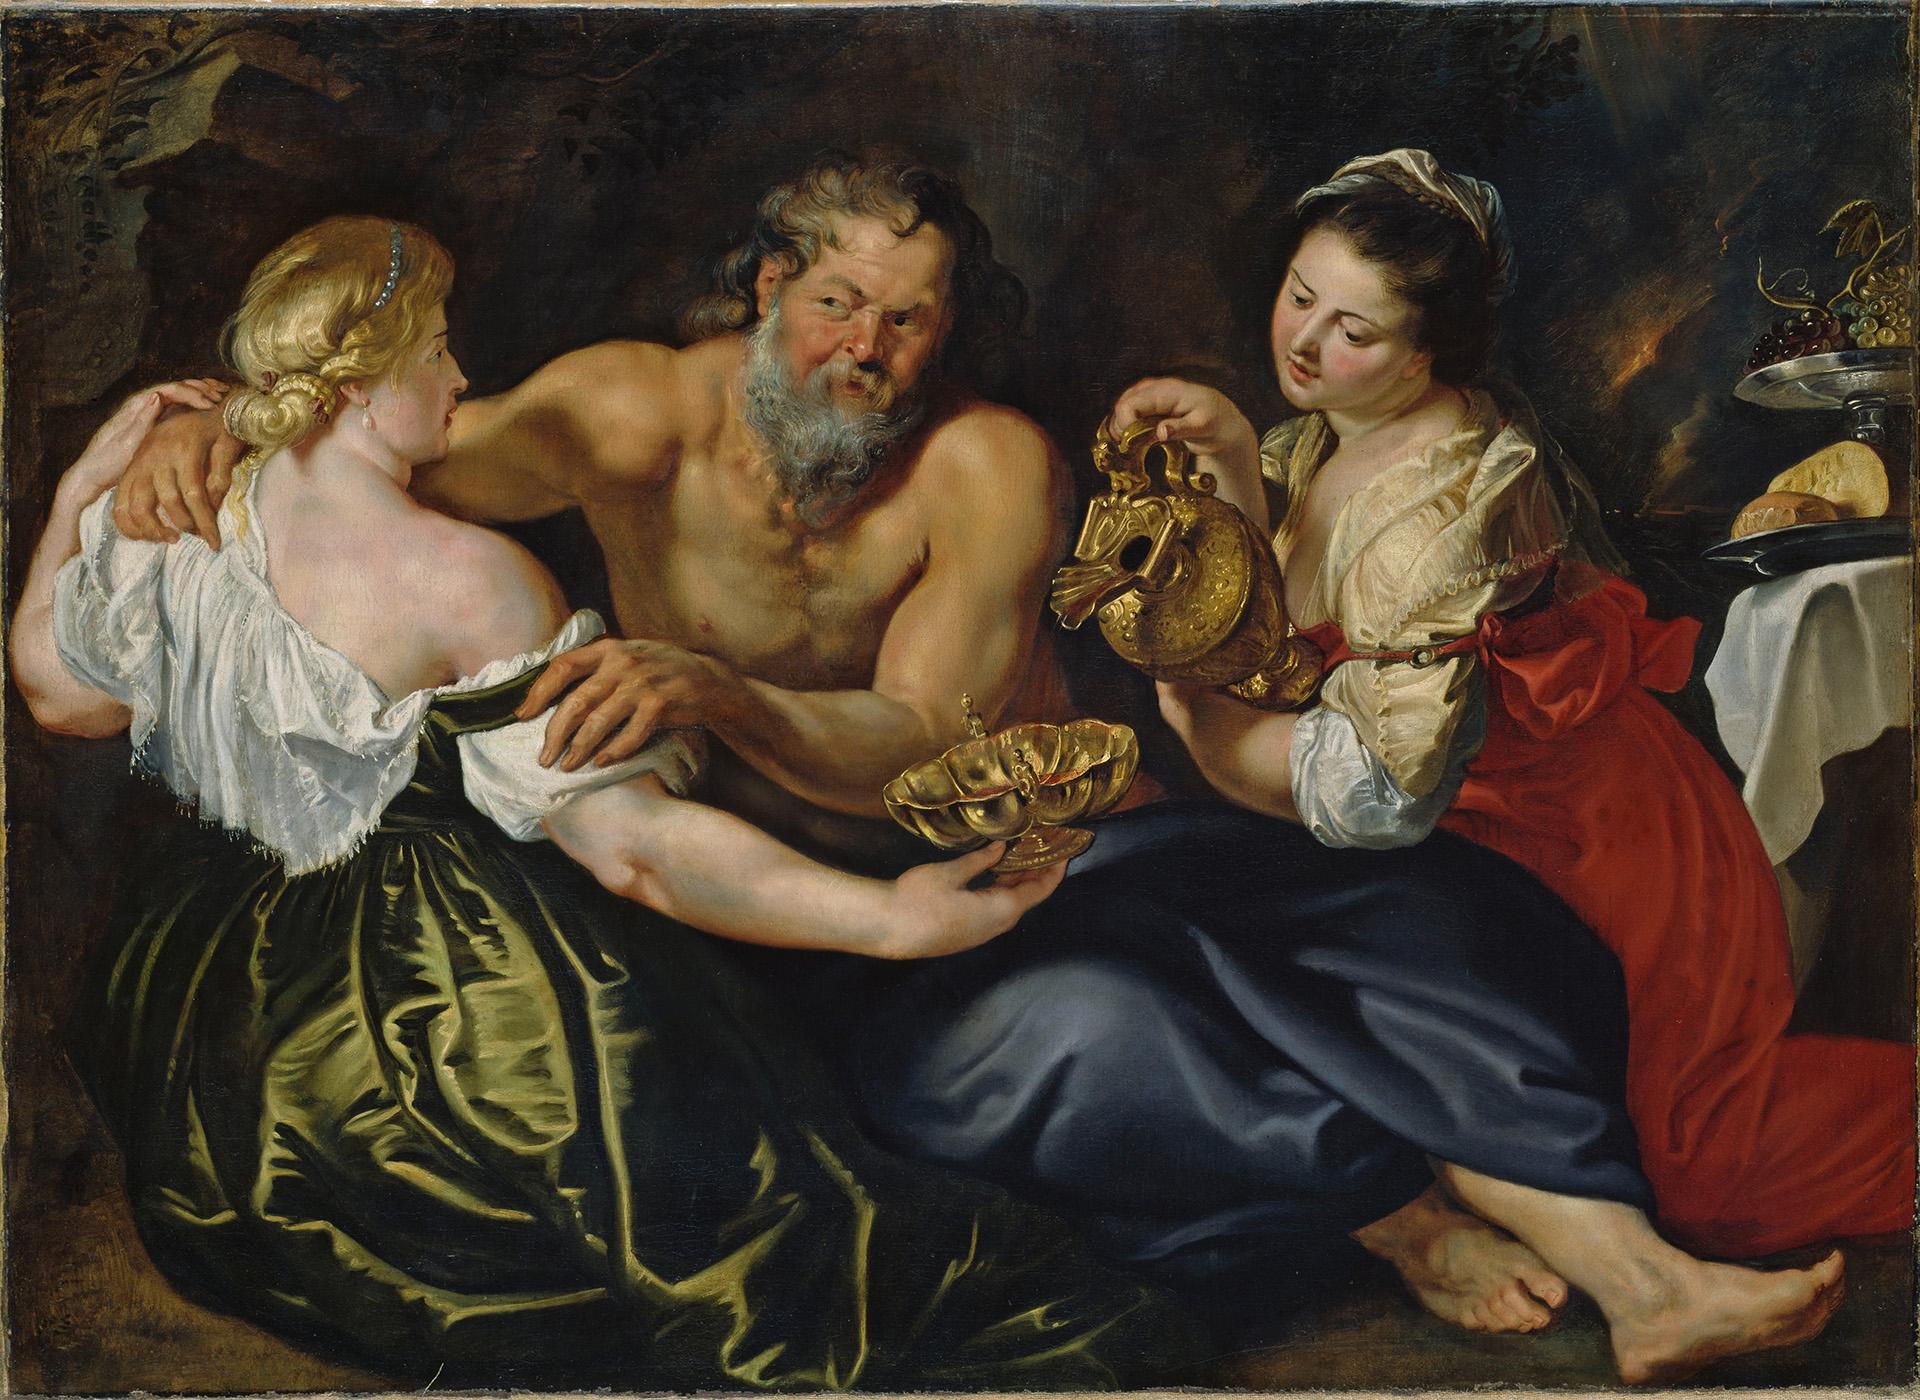 Lót és a lányai